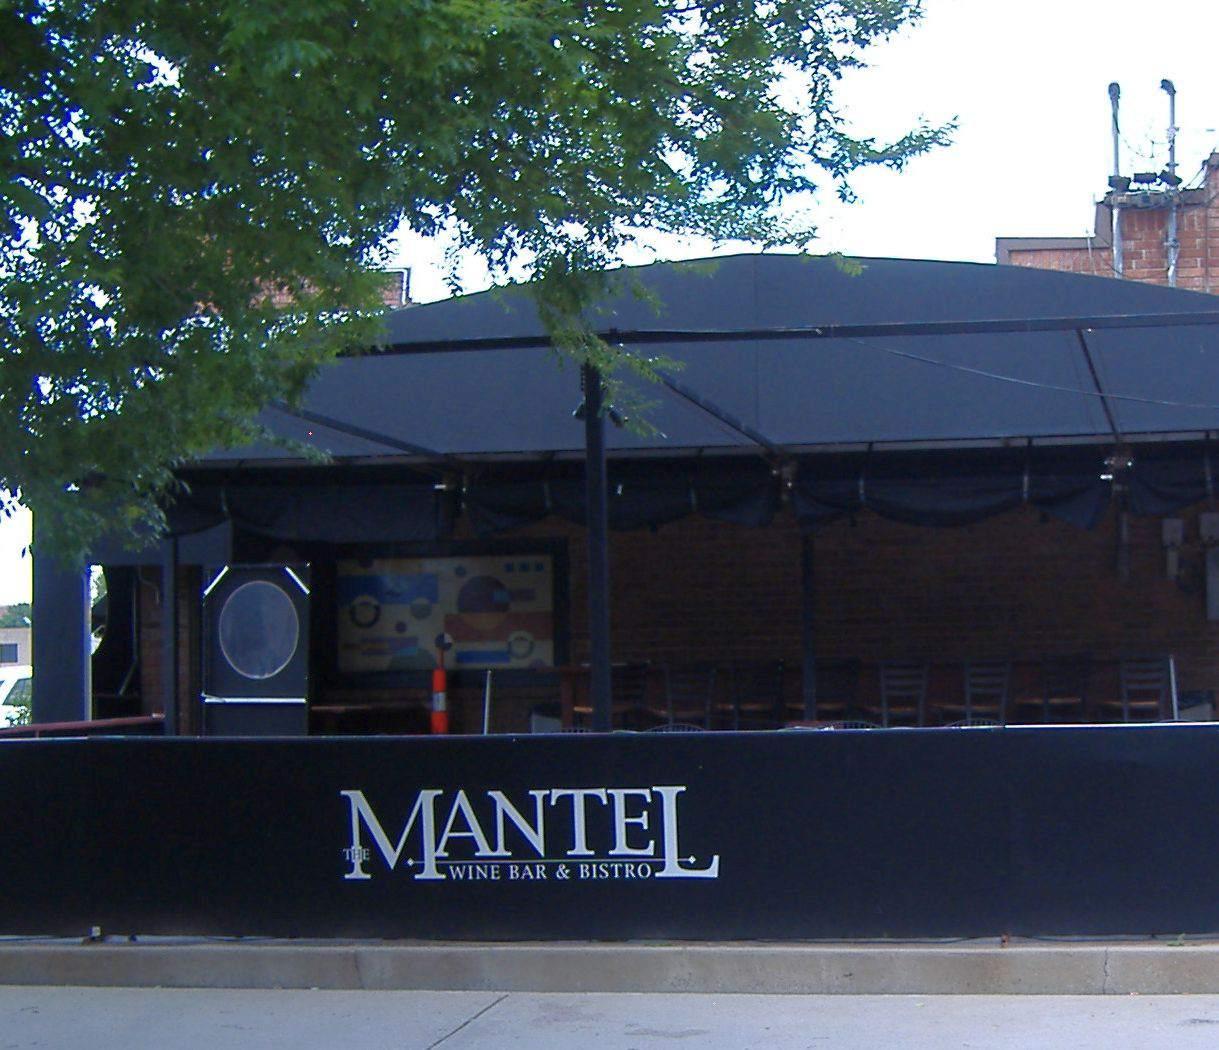 The Mantel Wine Bar & Bistro Bricktown